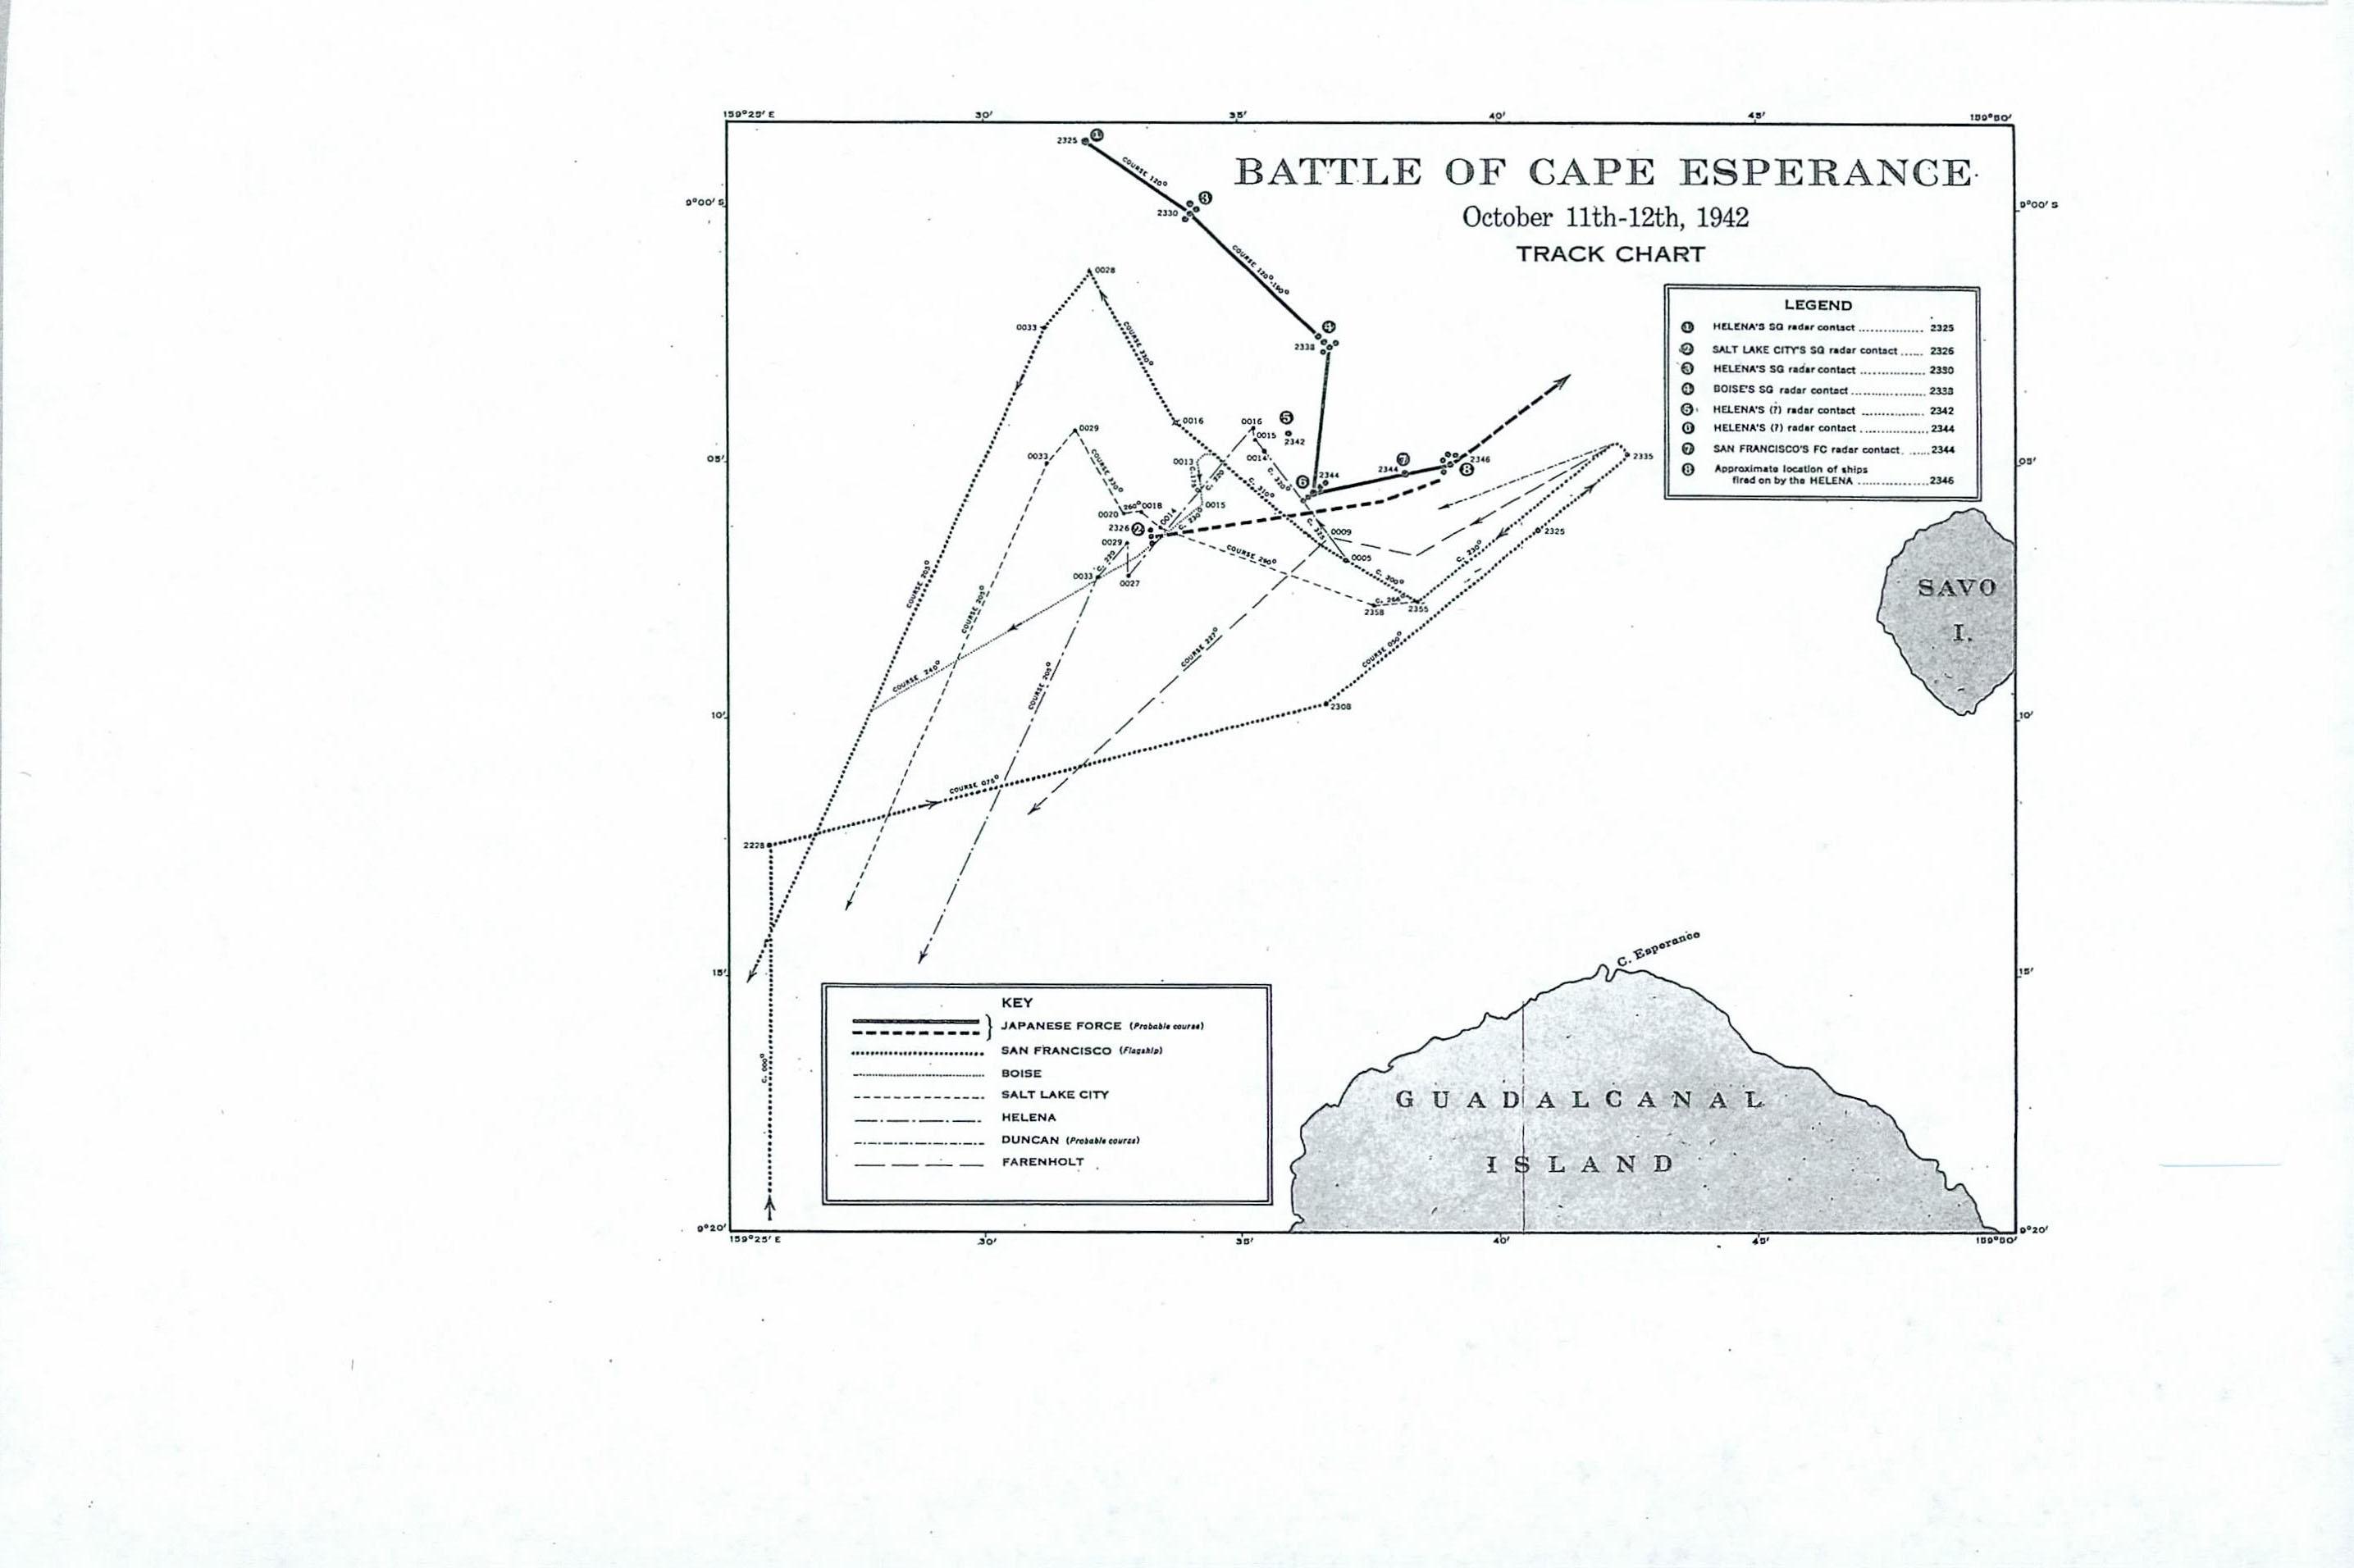 mitsubishi nimbus wiring diagram the battles of cape esperance 11 october 1942 and santa cruz  cape esperance 11 october 1942